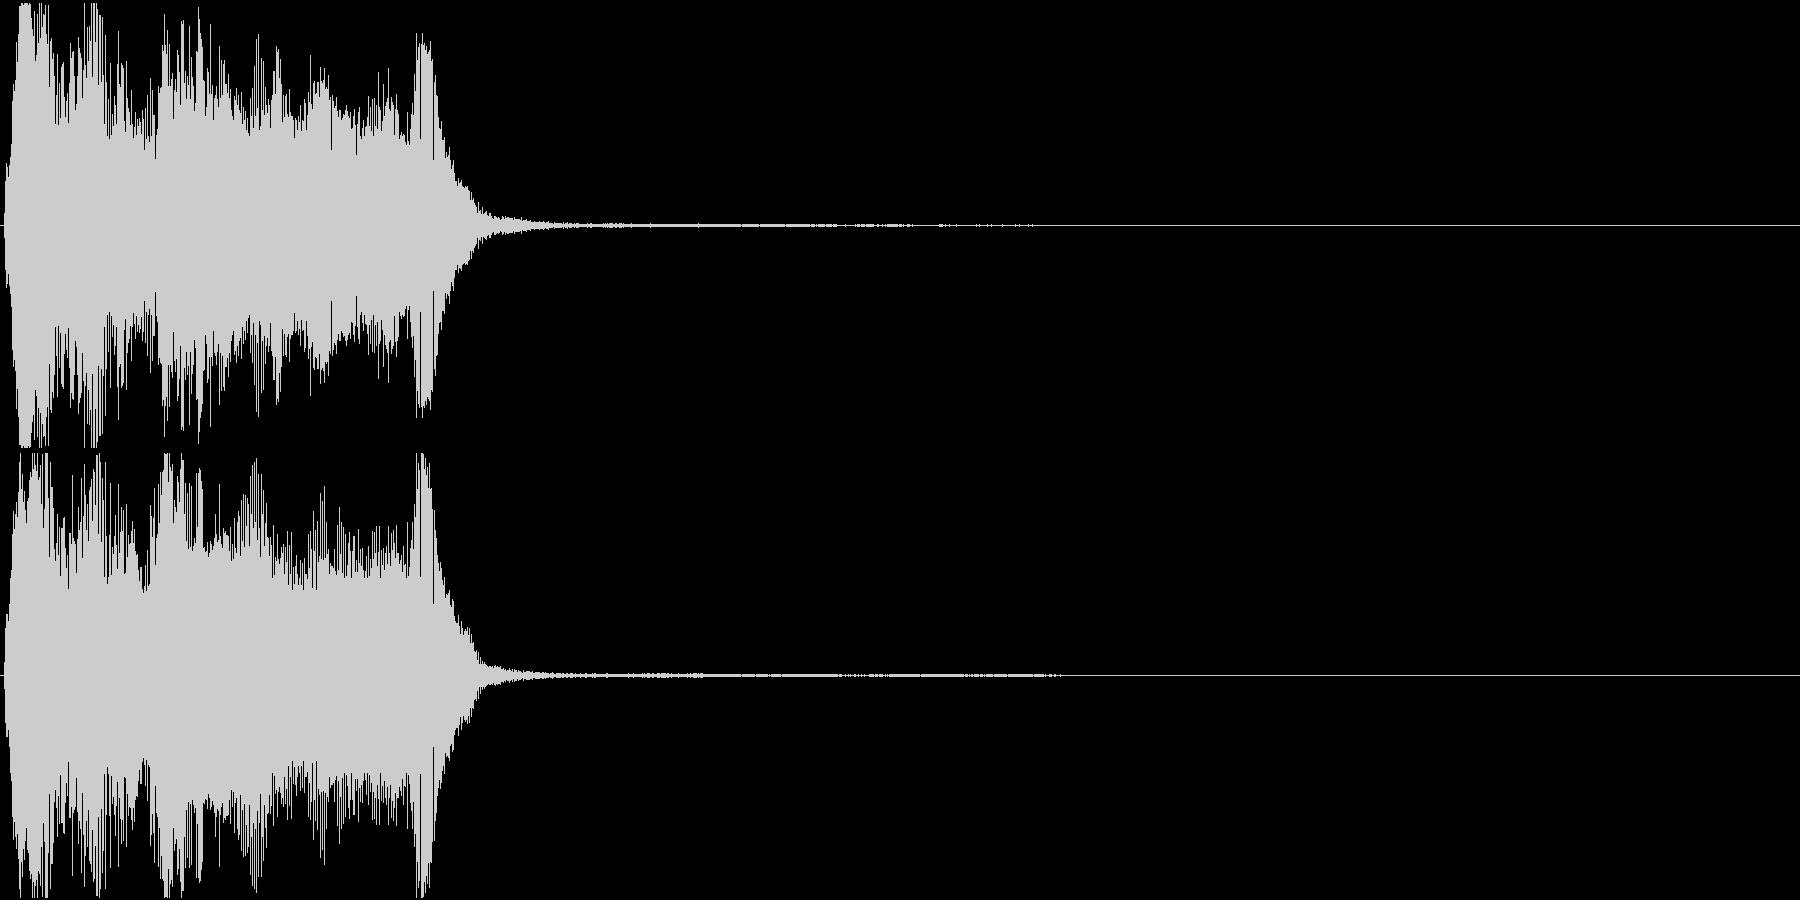 トランペット ファンファーレ 定番 10の未再生の波形